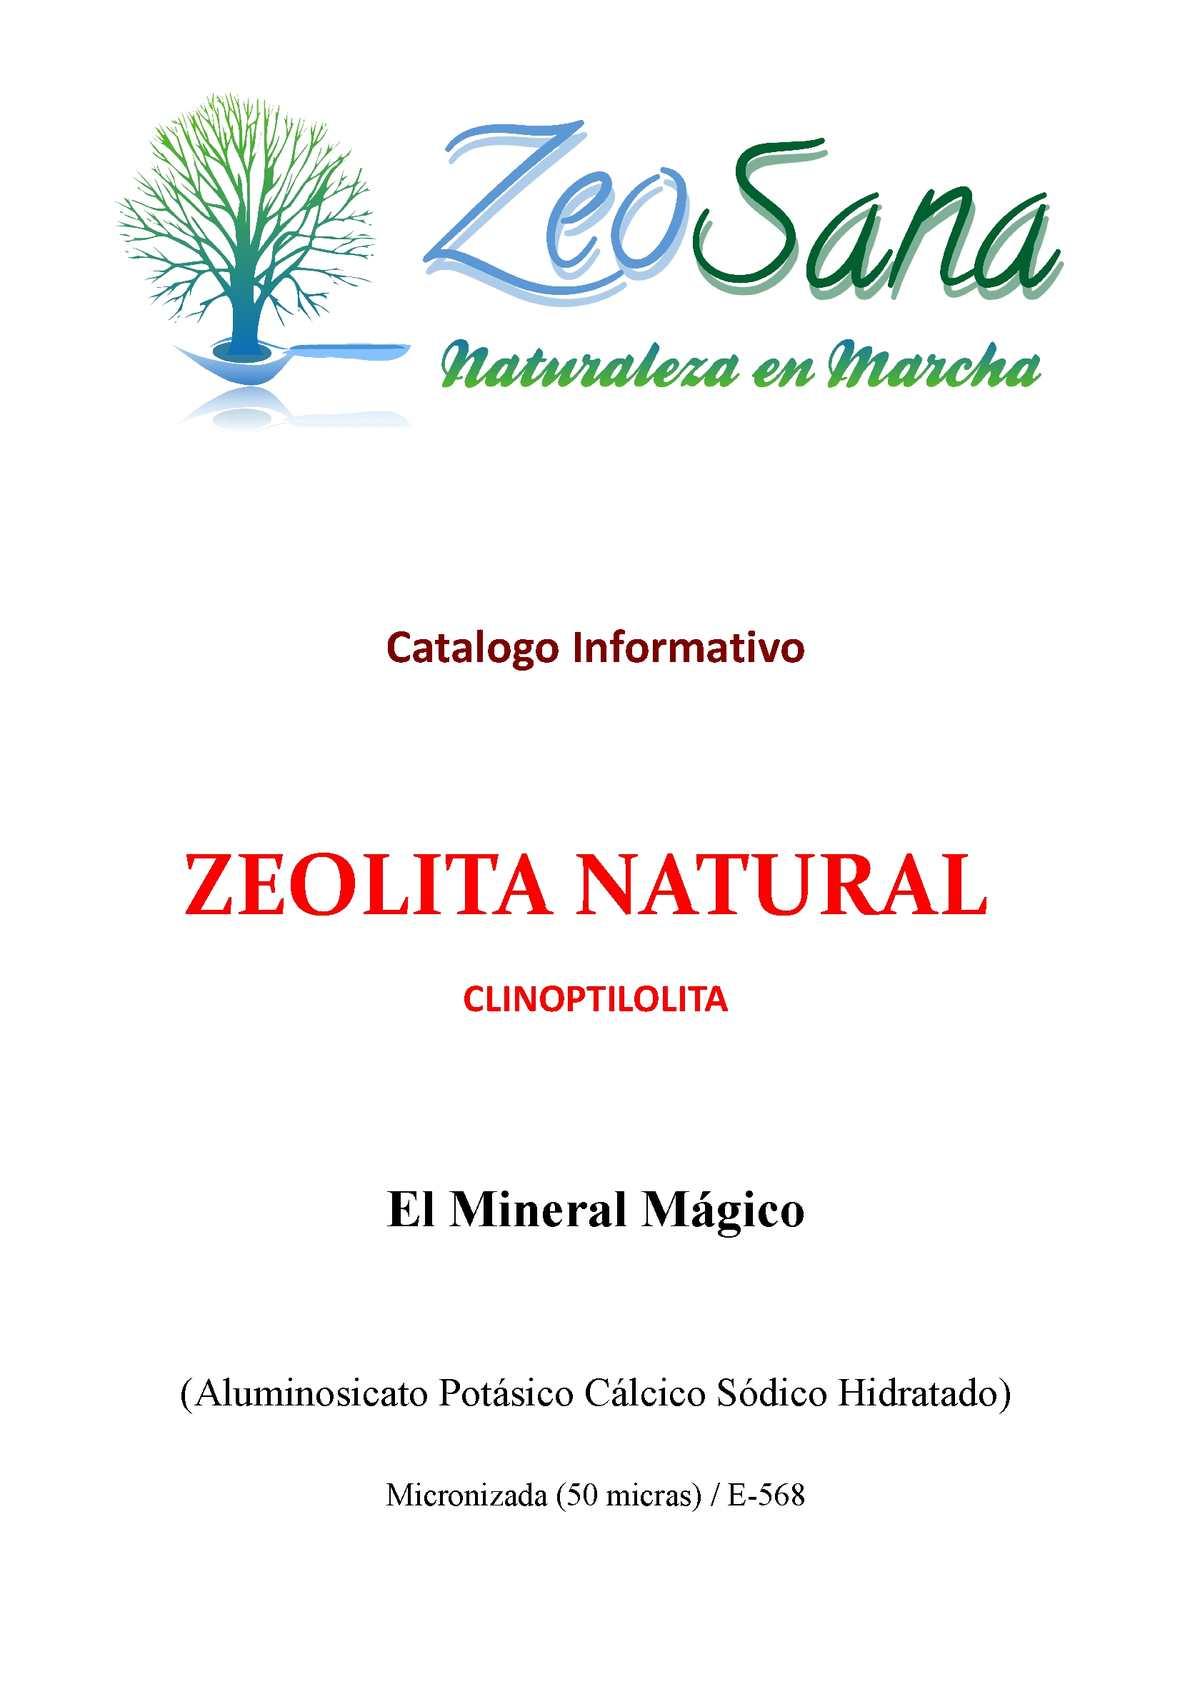 Zeolita é o que Zeolita natural e sintética. Zeolita: propiedades, usos, beneficios e danos